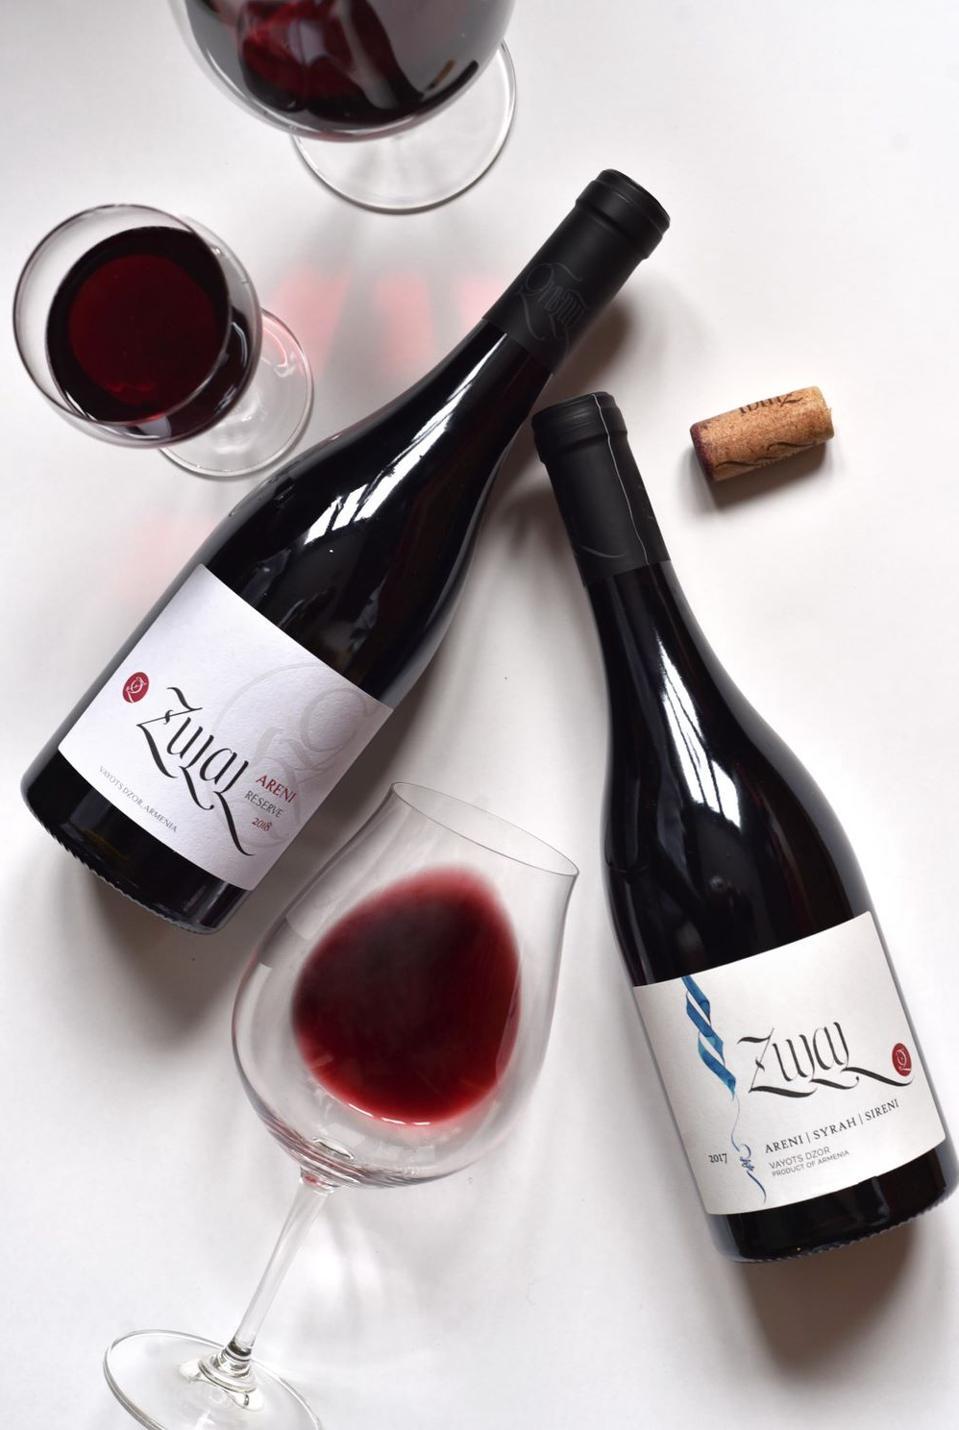 Storica Wines.